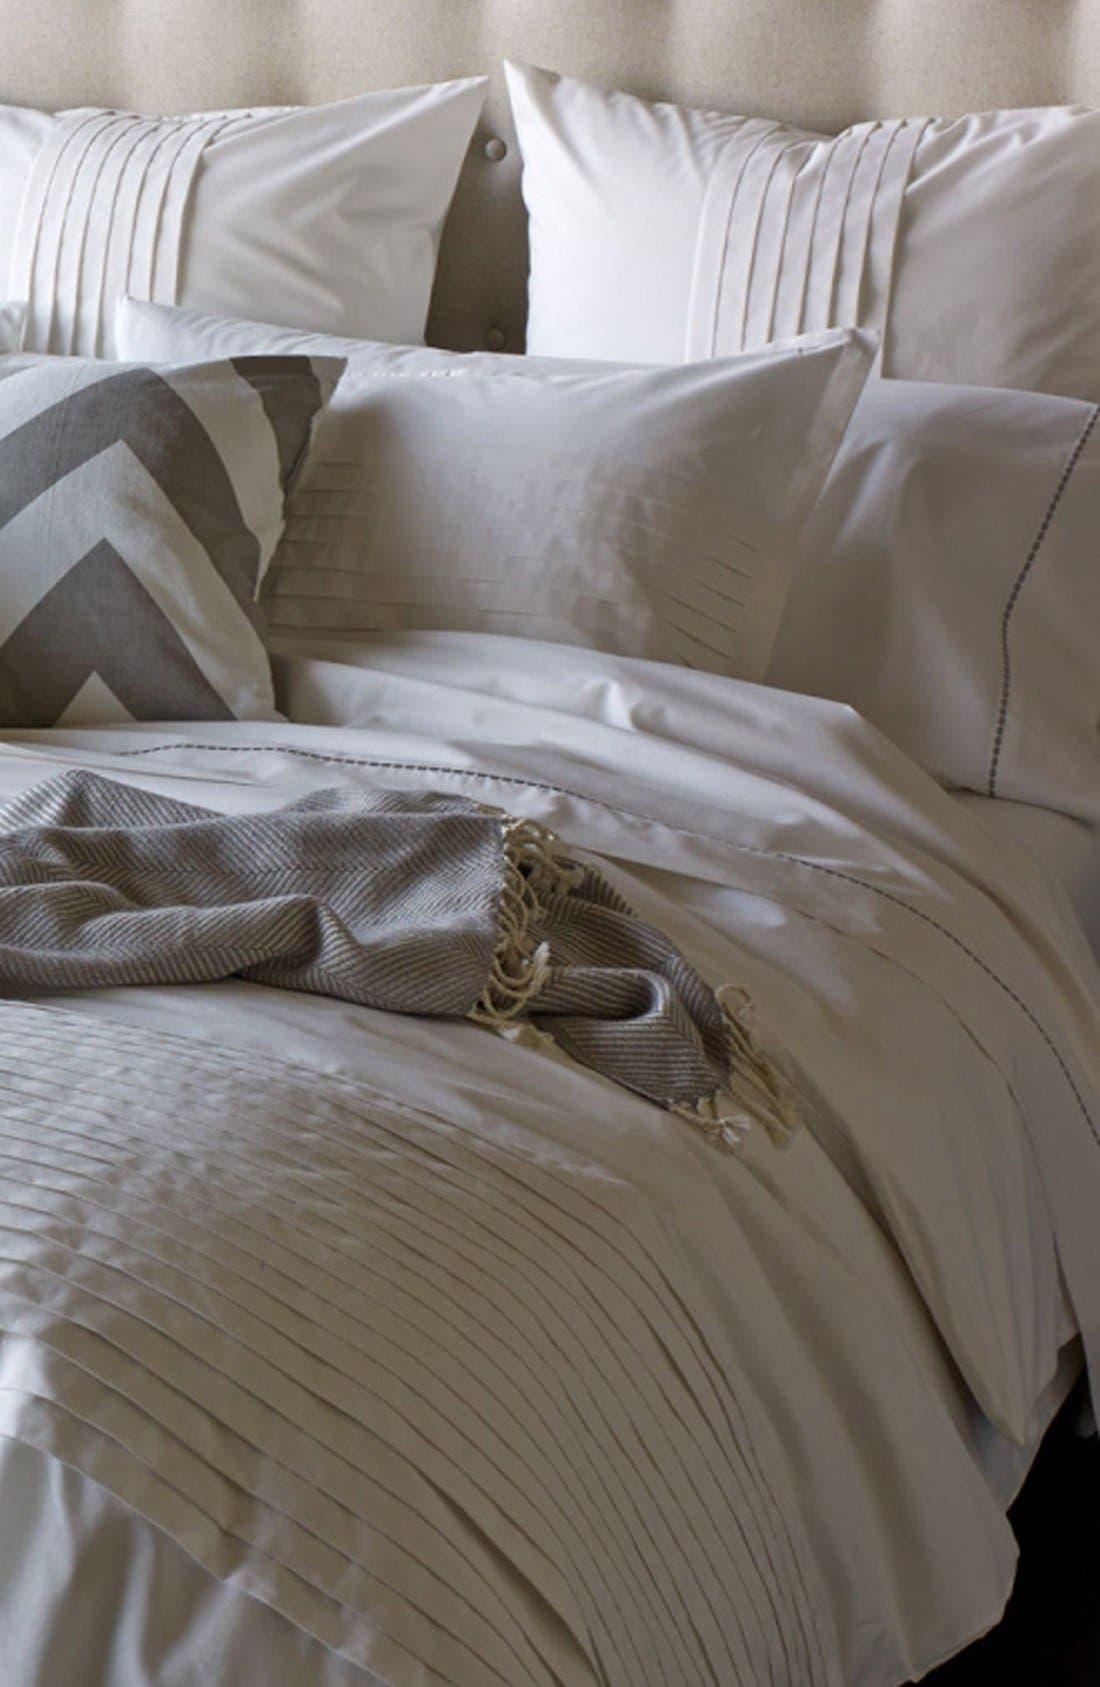 zestt 'Block Island' 200 Thread Count Organic Cotton Duvet Cover